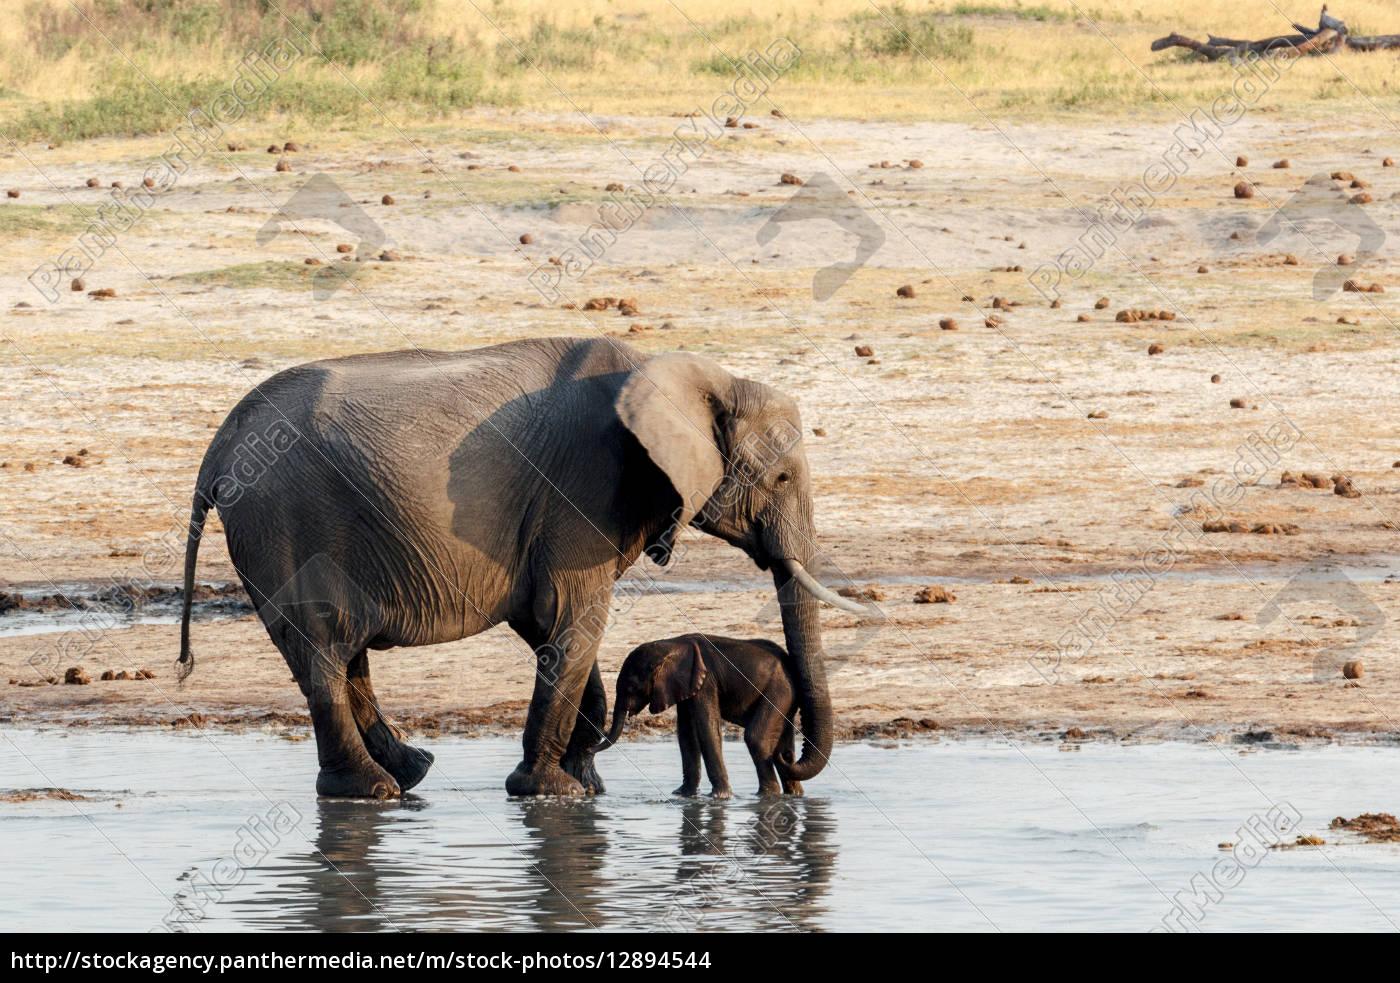 afrikanische elefanten mit baby elefanten trinken am. Black Bedroom Furniture Sets. Home Design Ideas